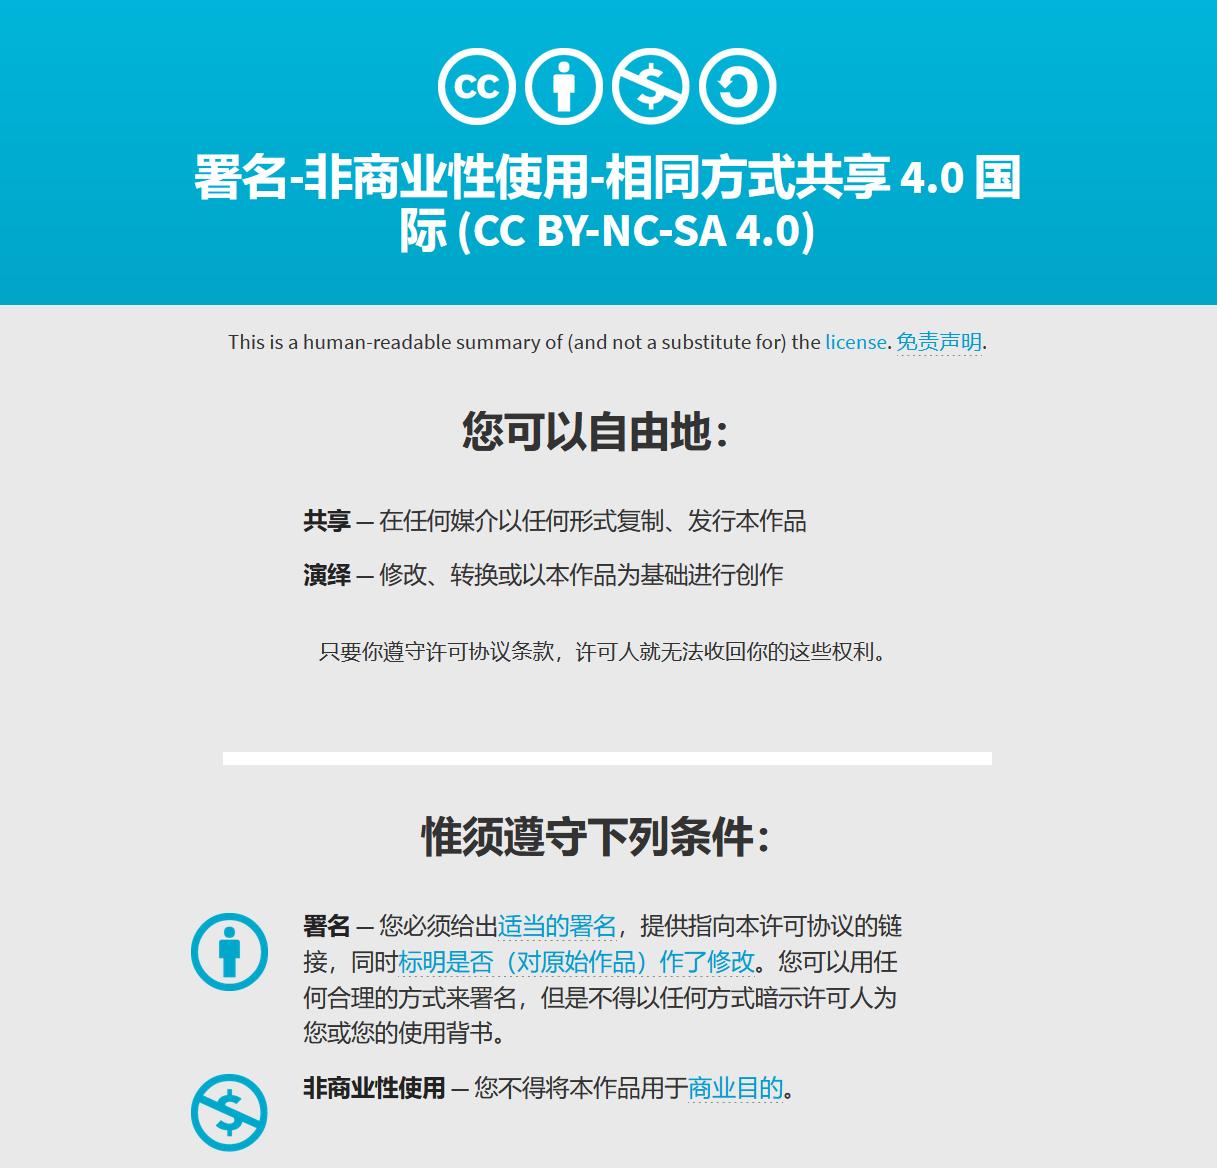 署名-非商业性使用-相同方式共享 4.0 国际 (CC BY-NC-SA 4.0)